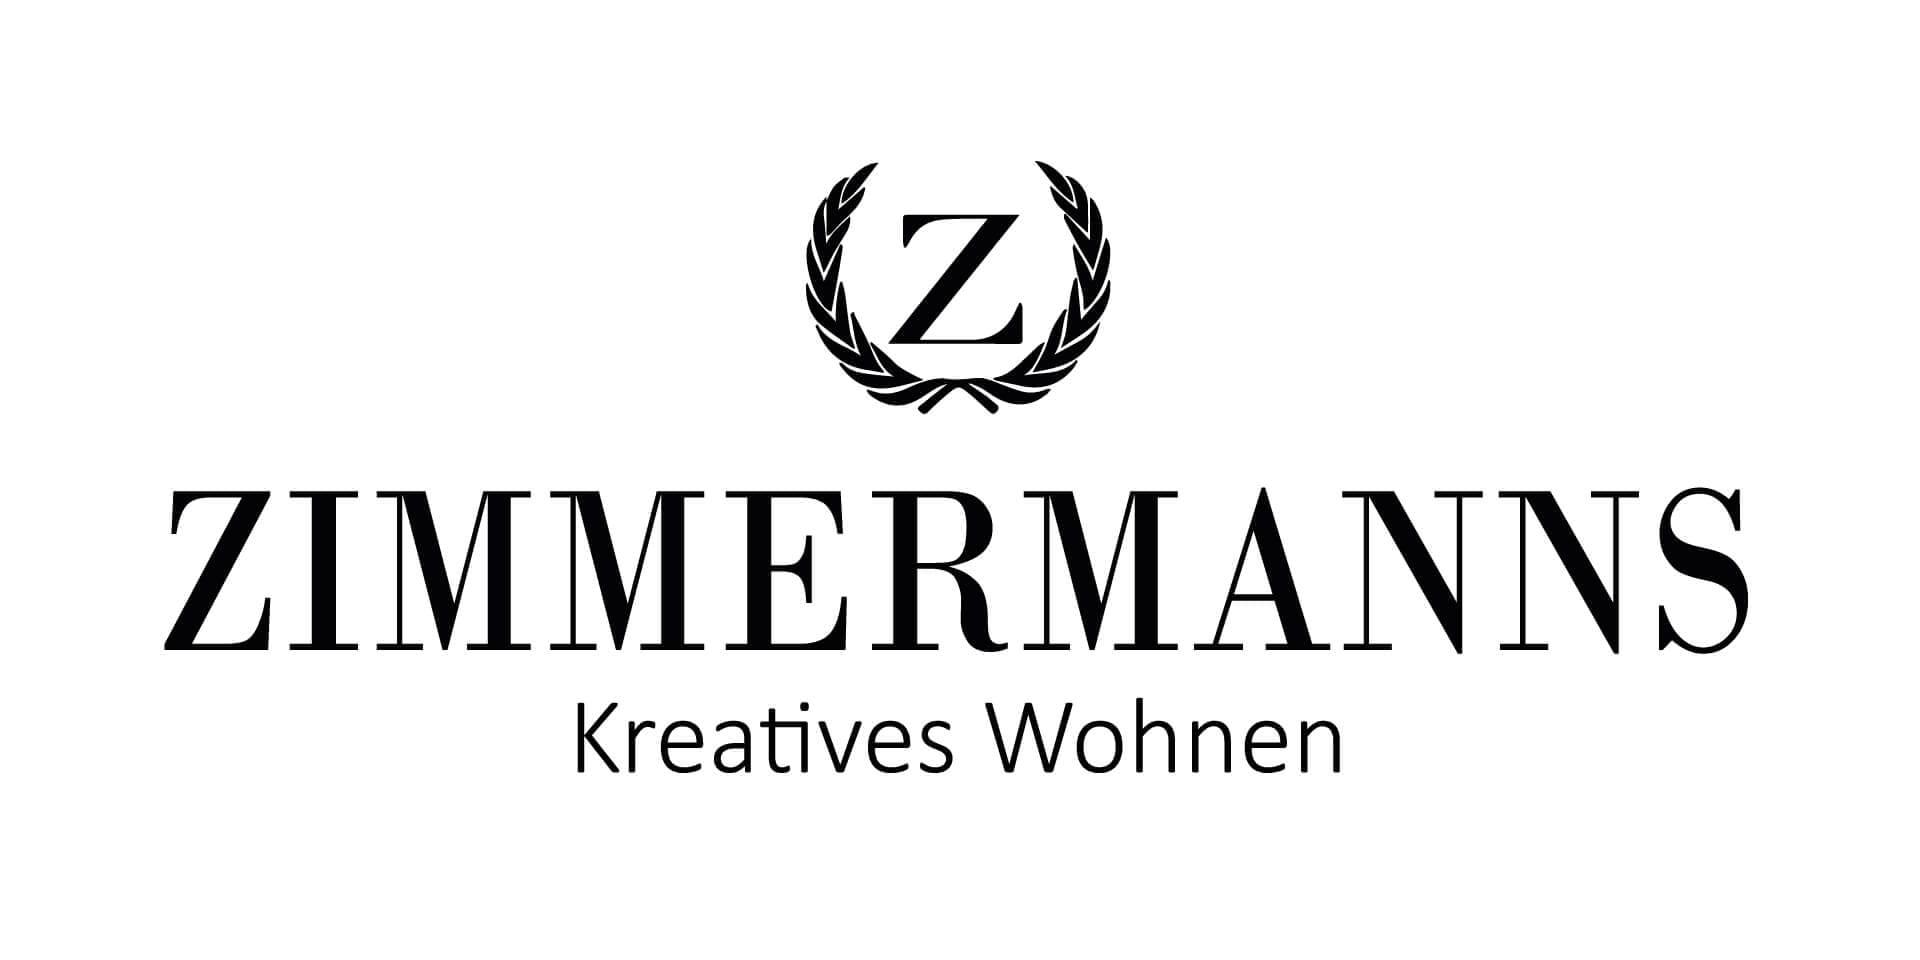 Zimmermanns kreatives wohnen